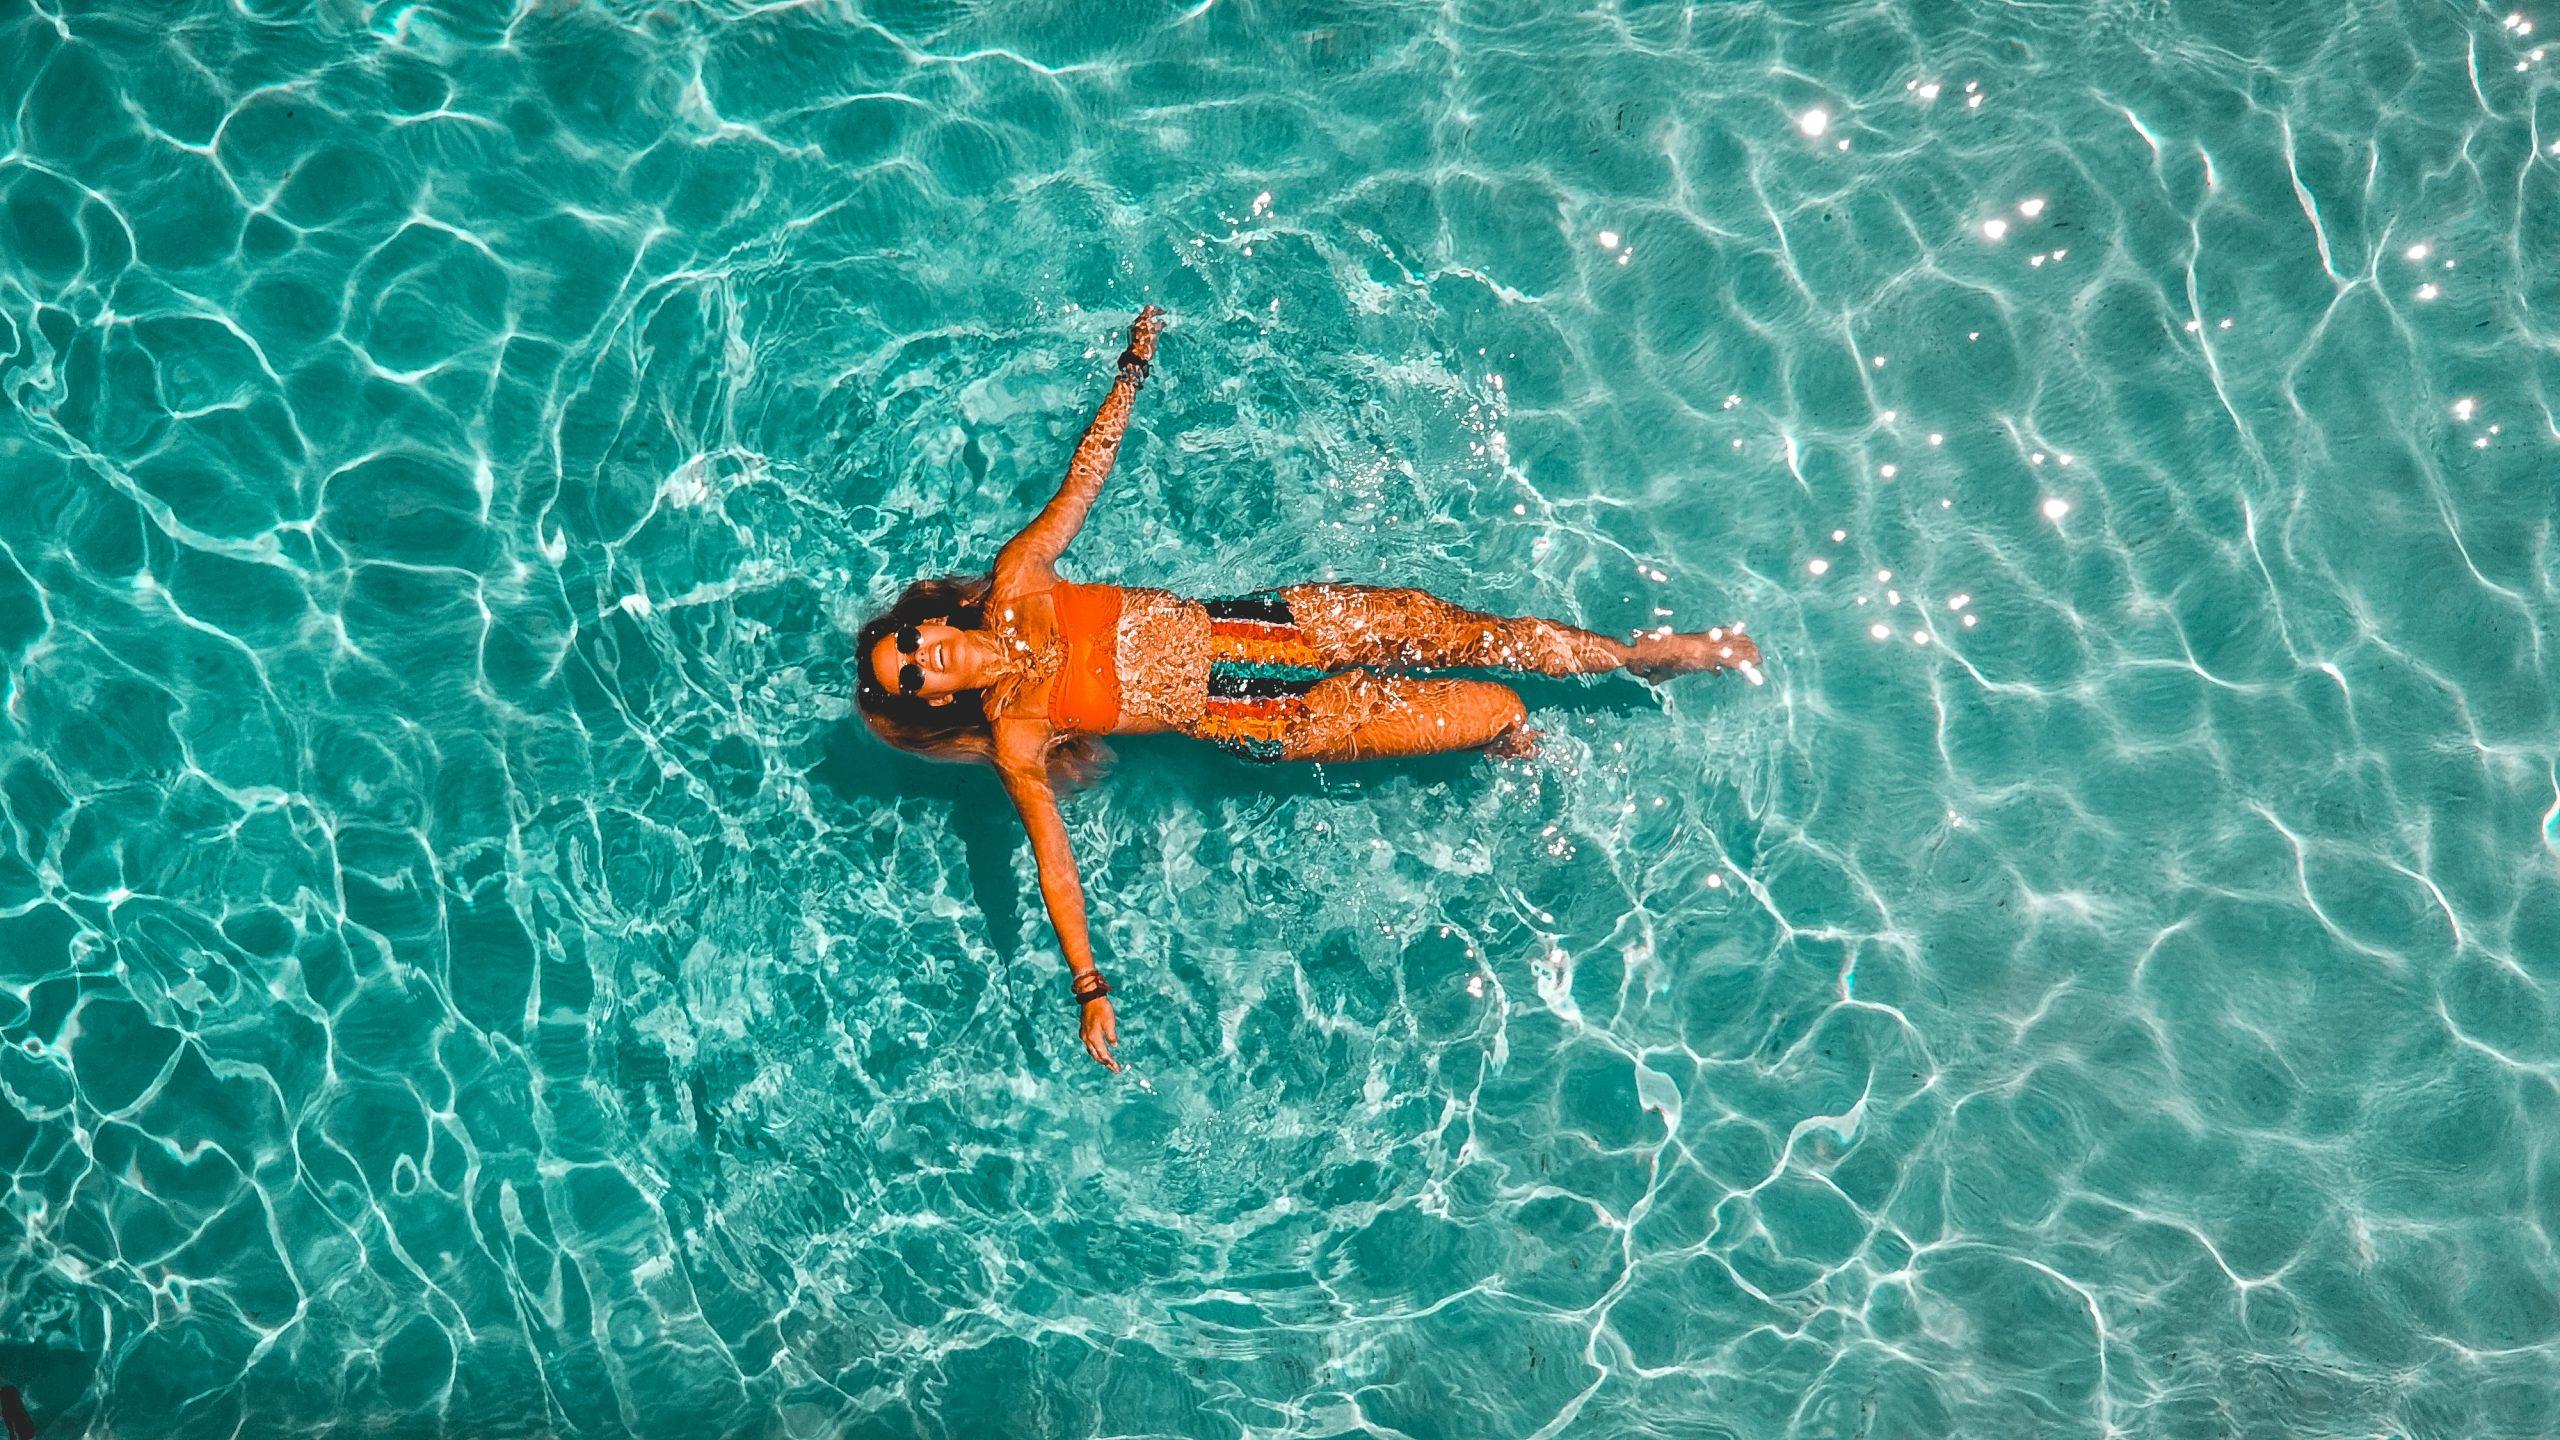 I dag her på bloggen skal vi tale om en fritstående pool. Det er sommer, vejret er dejligt og det er et perfekt tidspunkt at købe en pool på.